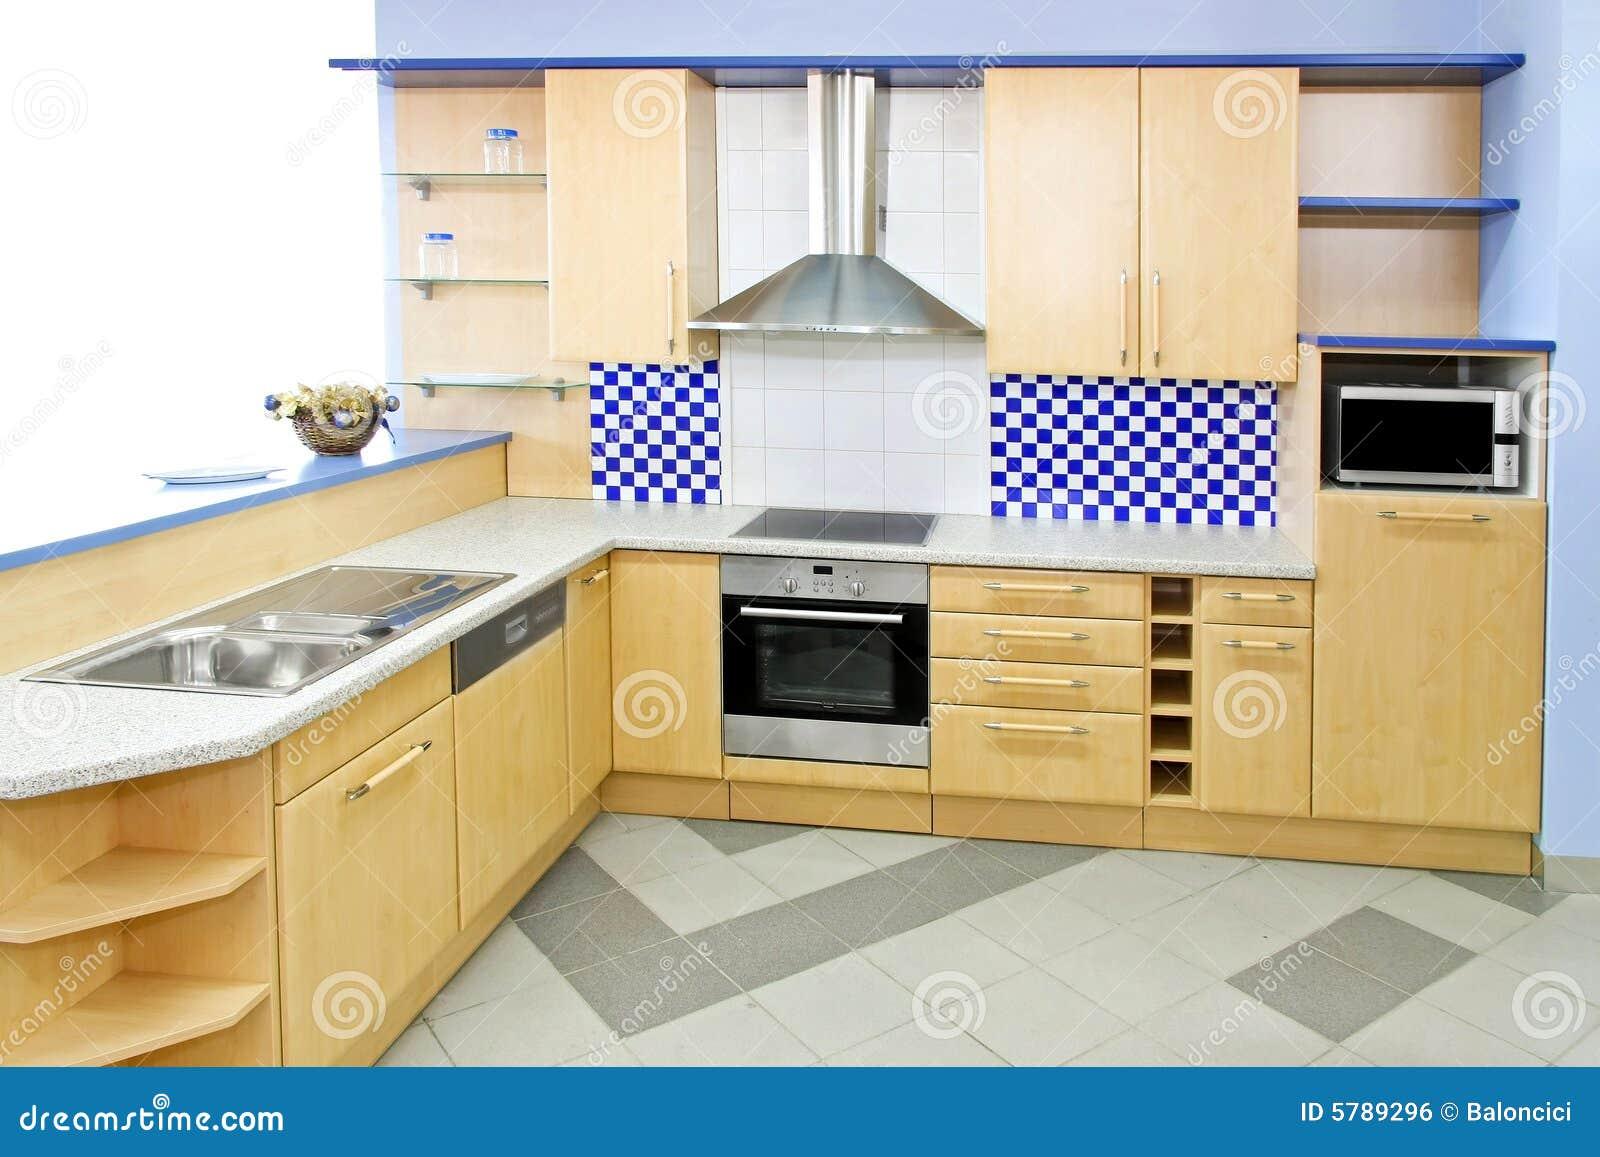 Blauwe keuken royalty vrije stock afbeelding afbeelding 5789296 - Keuken met teller ...